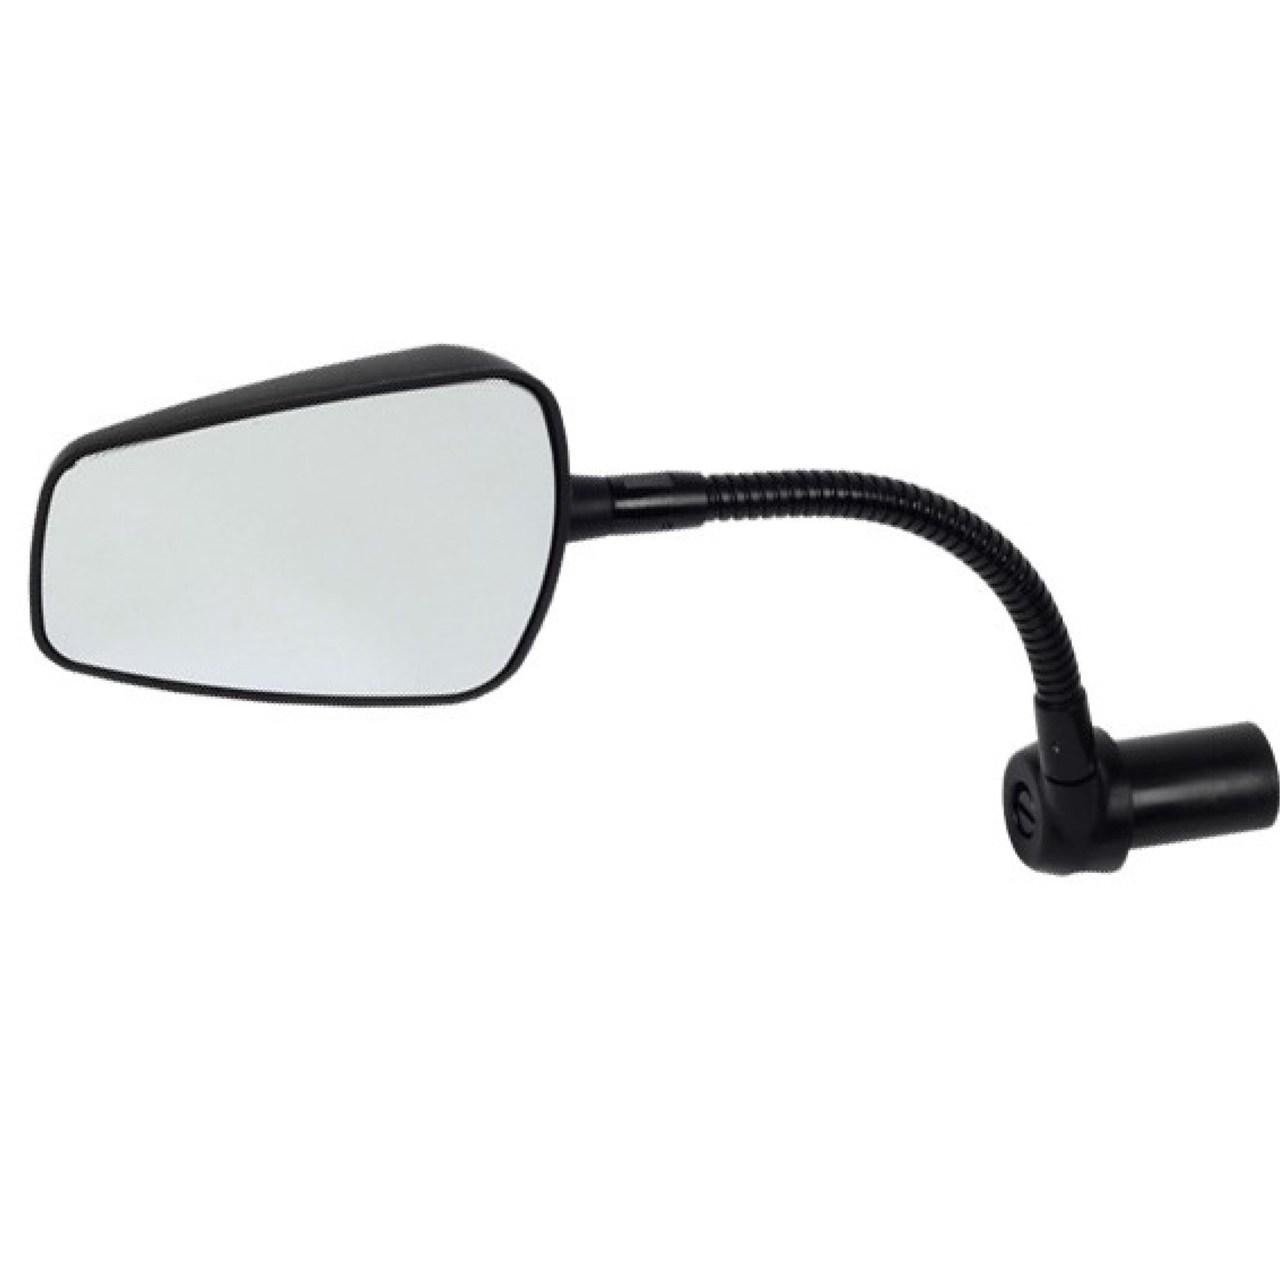 آينه دوچرخه زفال مدلZefal Espion Mirror Accessory آينه دوچرخه زفال مدلZefal Espion Mirror Accessory